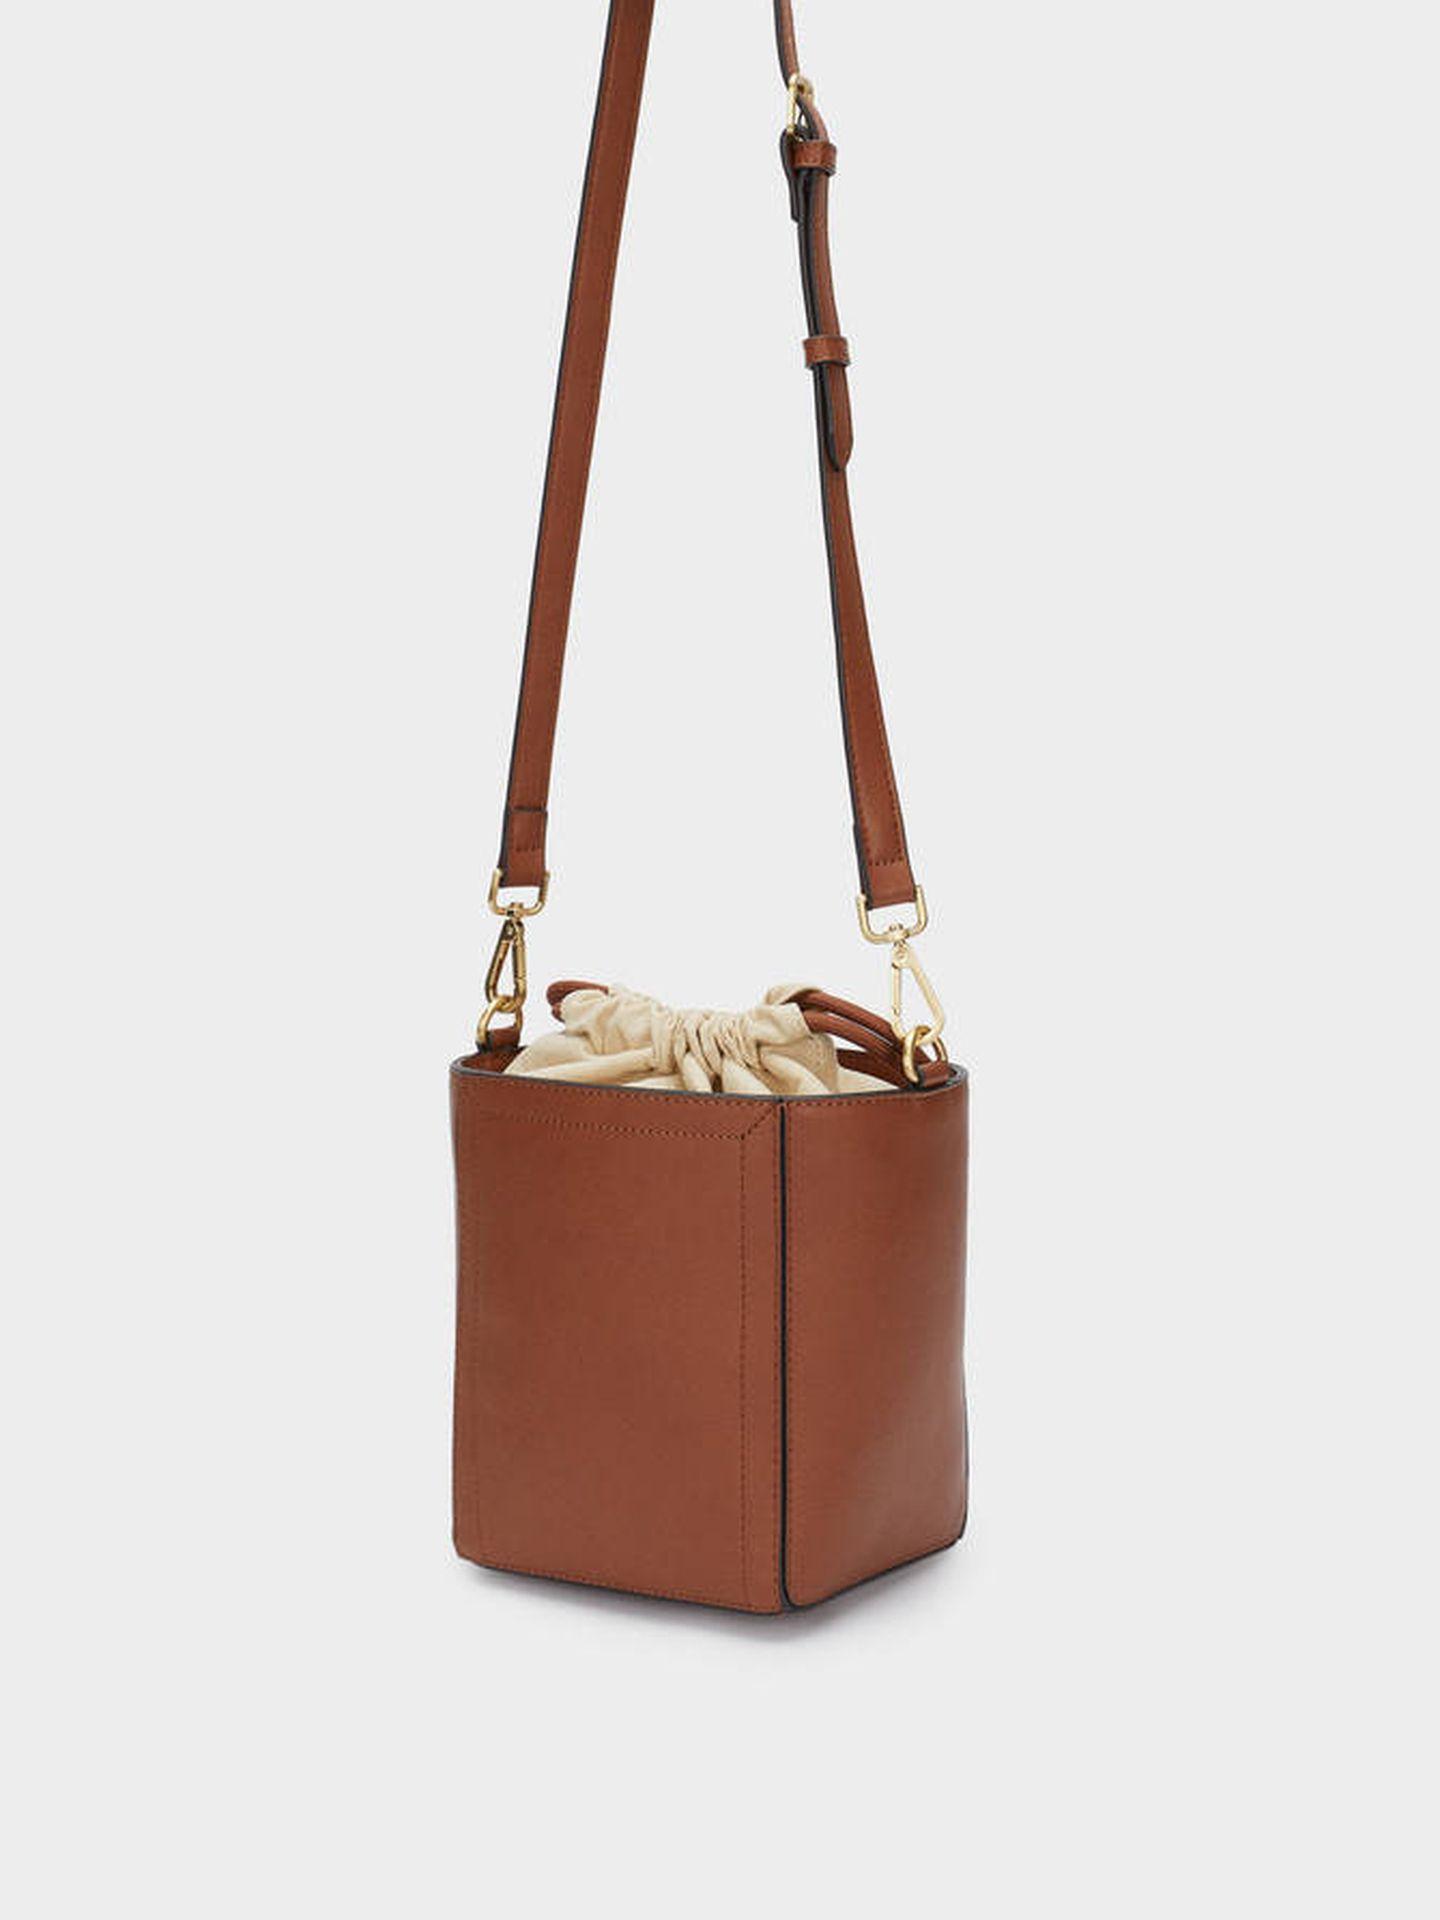 El bolso bombonera de Parfois. (Cortesía)